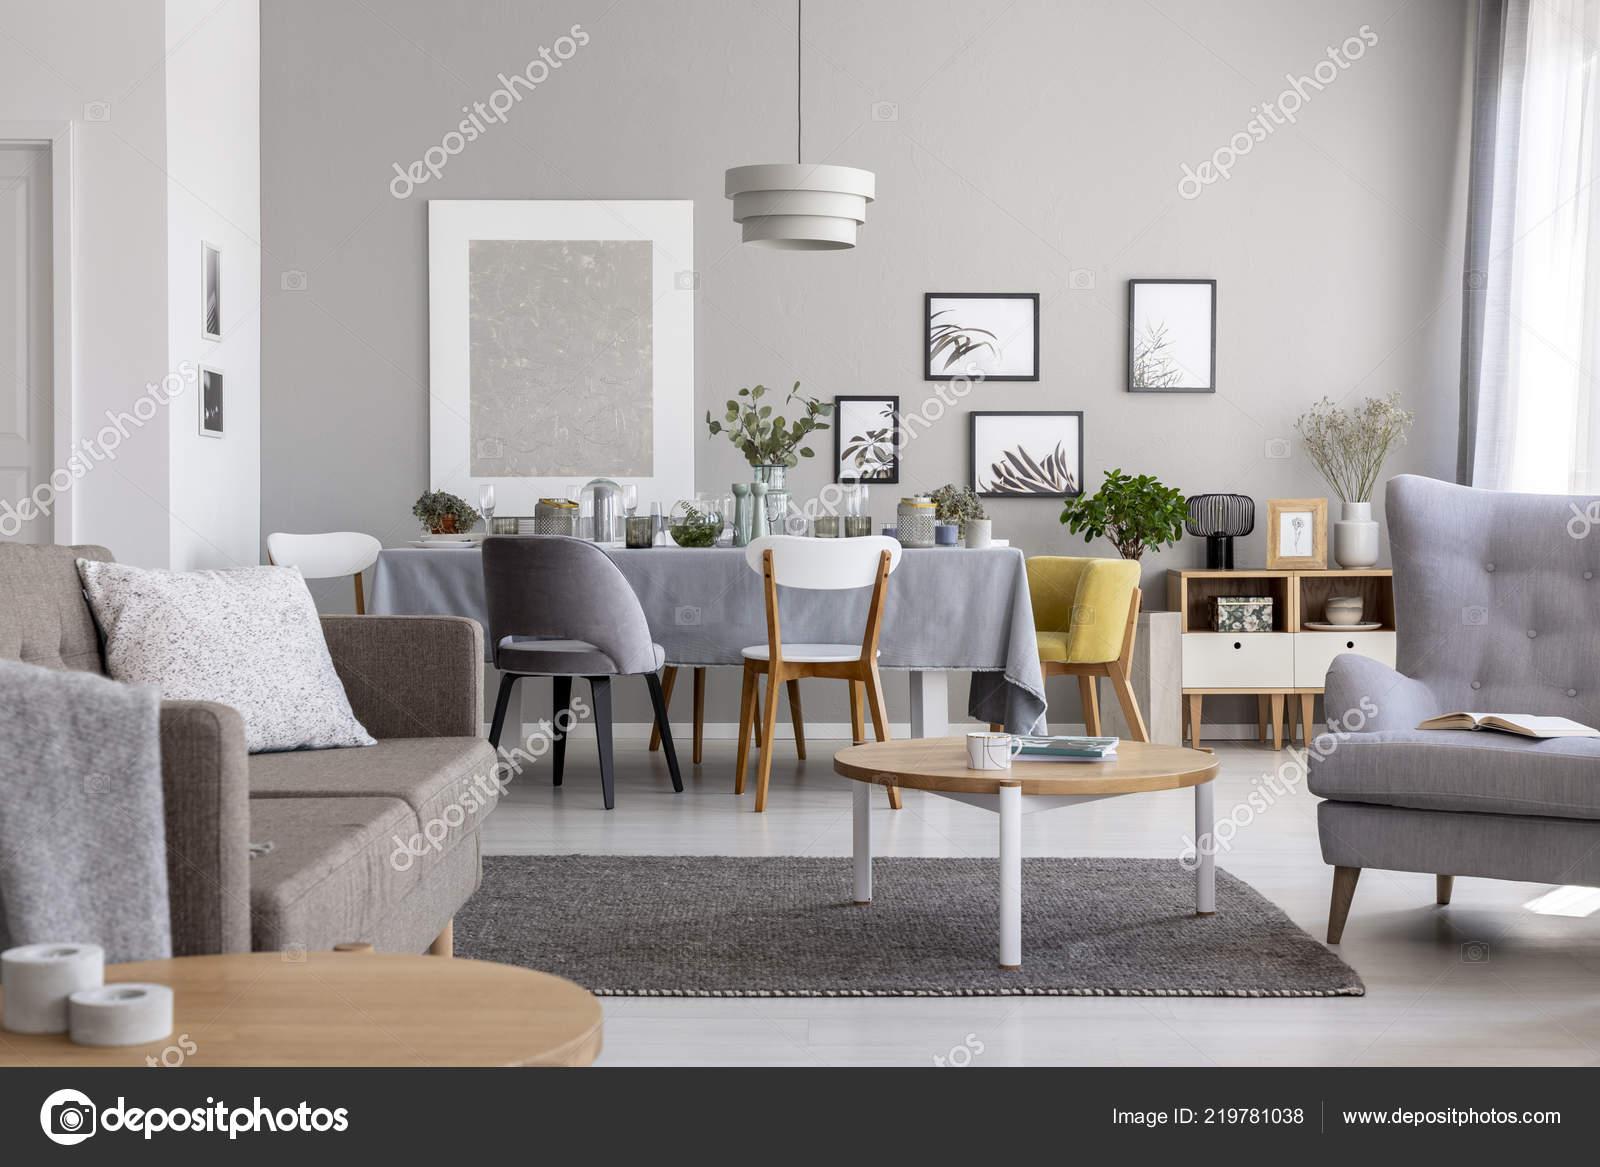 Foto reale interno moderno salotto con tavolo pranzo grafica una